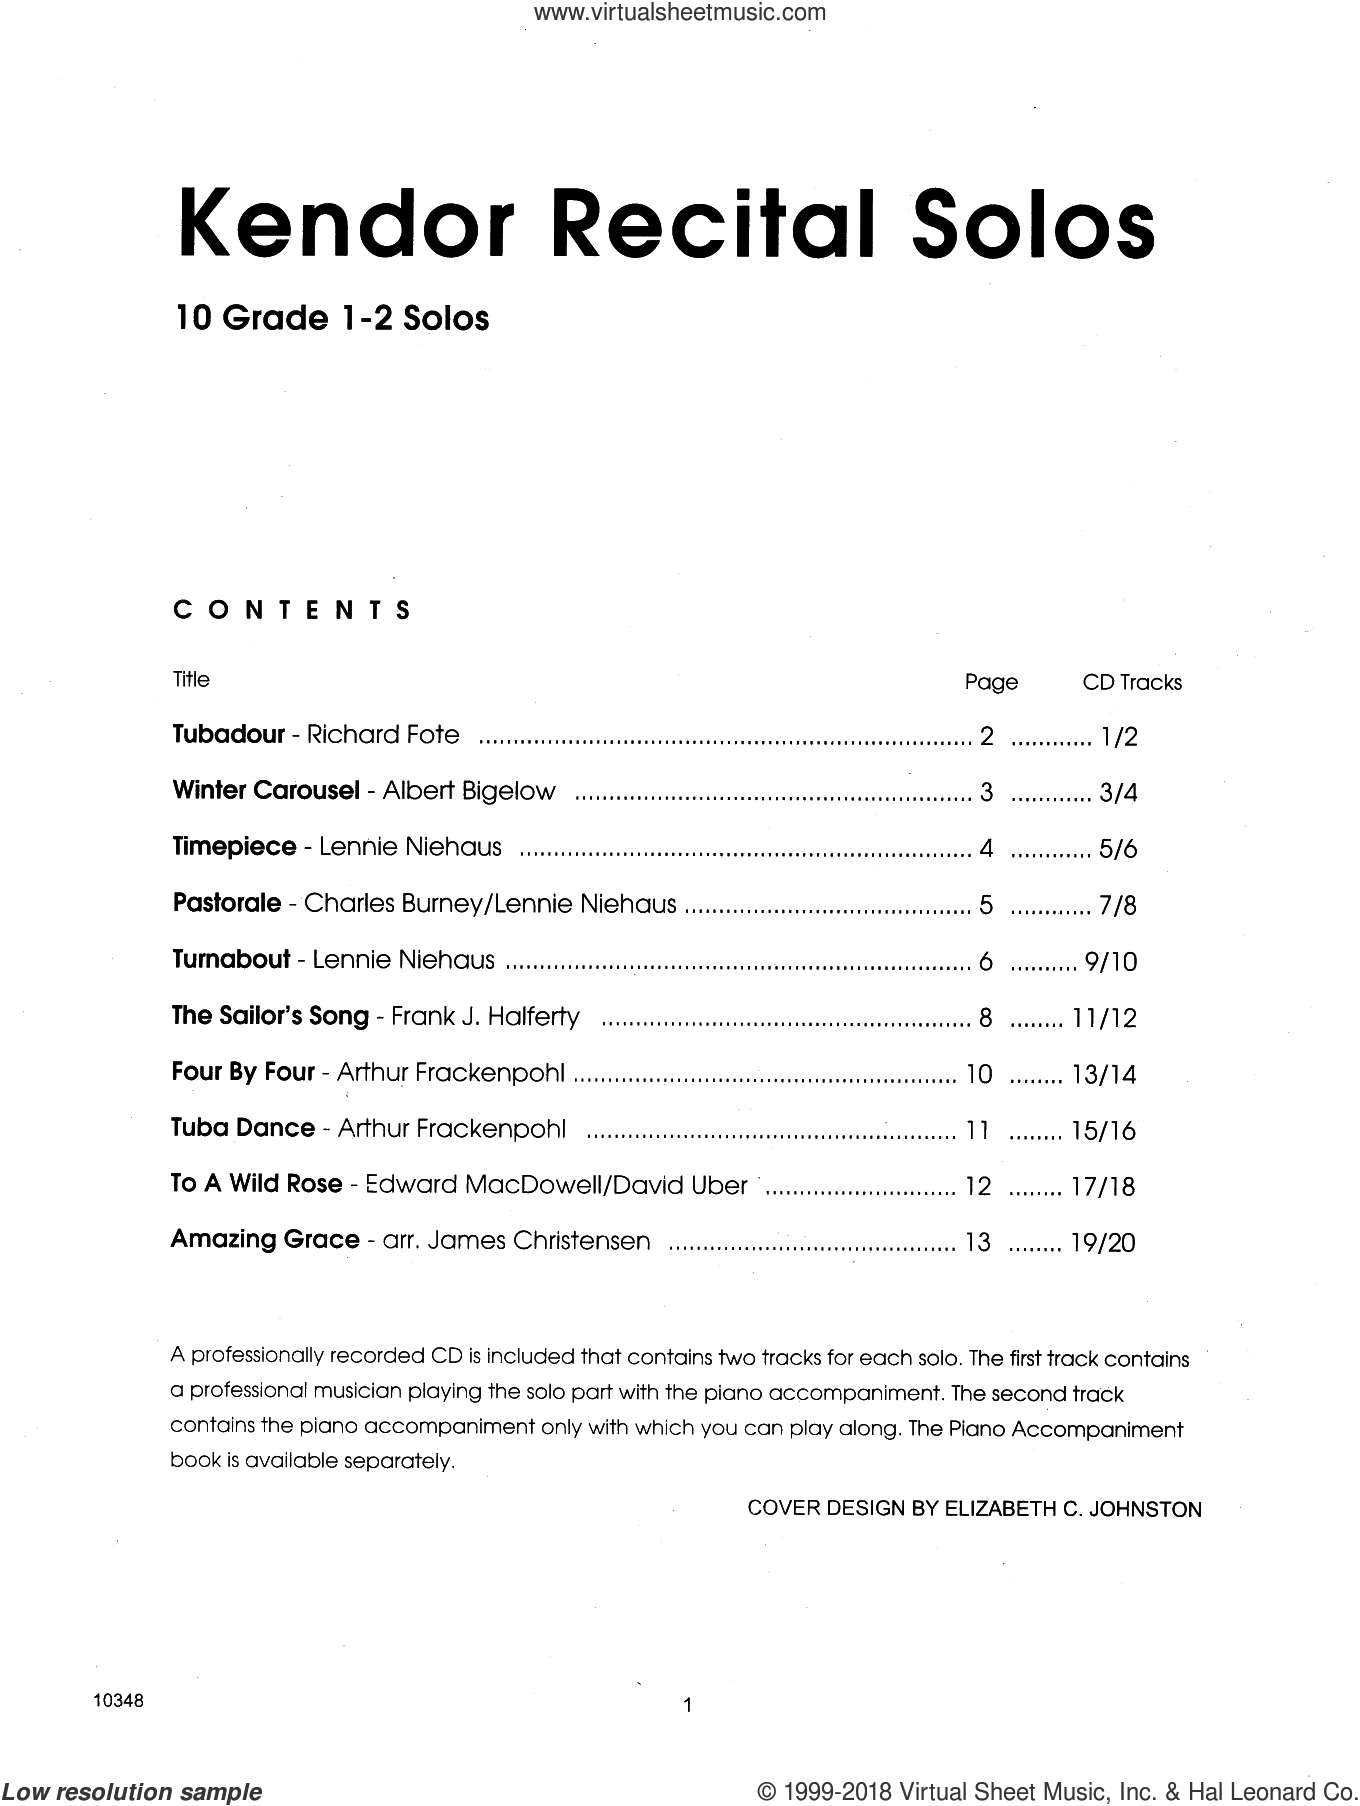 Kendor Recital Solos - Tuba - Solo Book sheet music for tuba solo, intermediate skill level